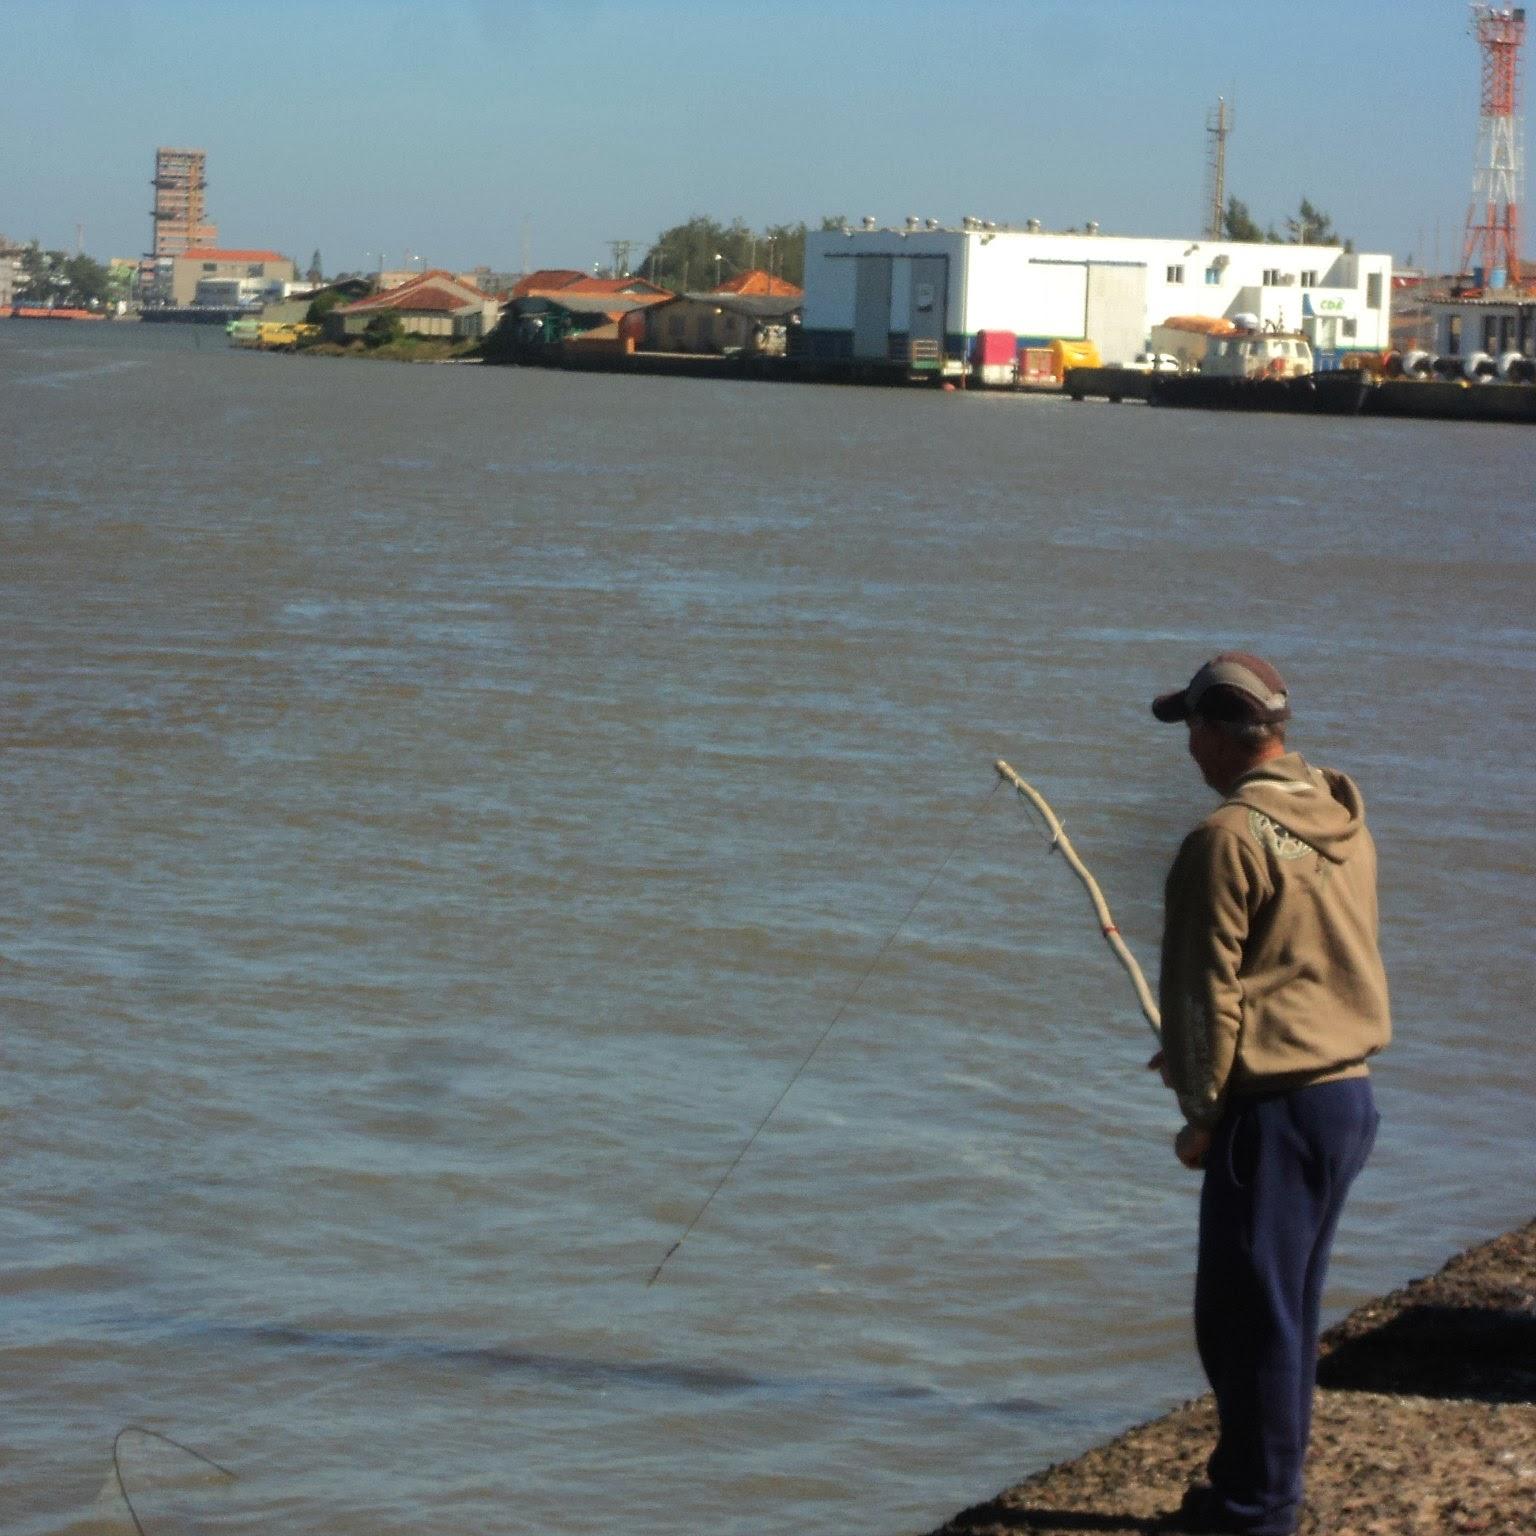 Pescador na Barra do Rio Tramandaí